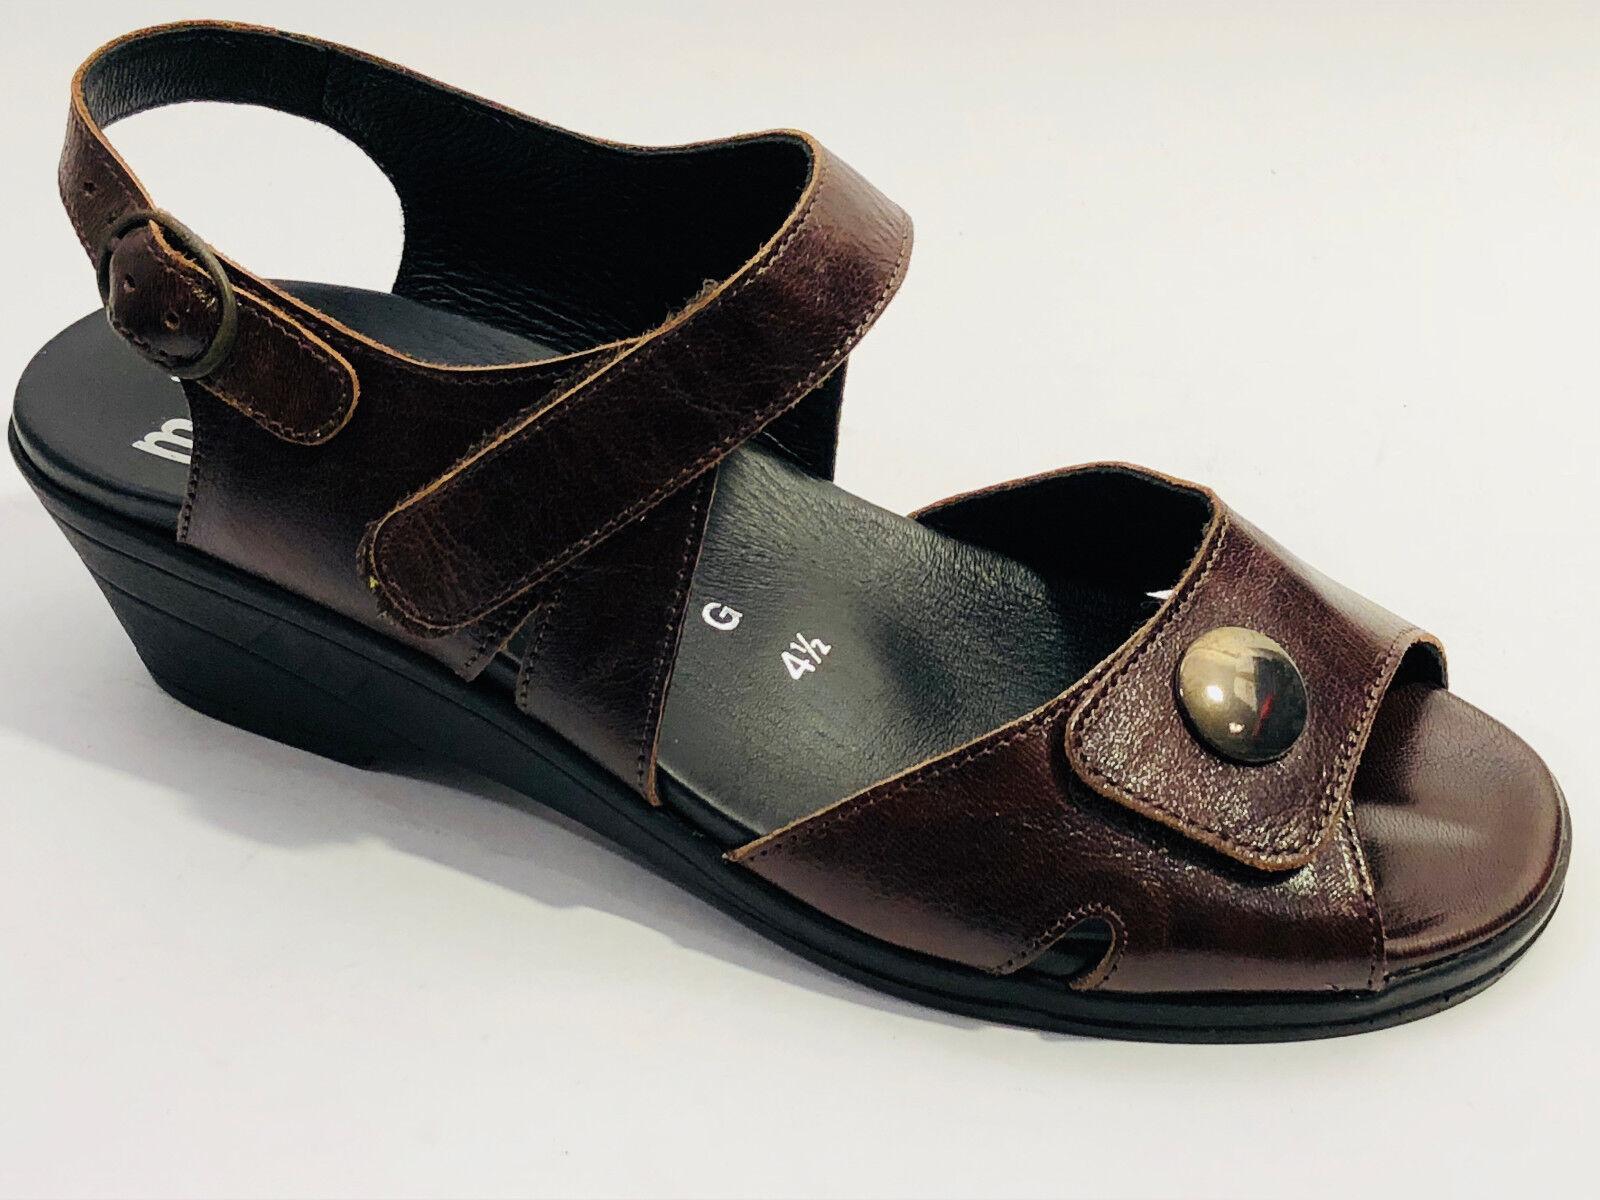 Meisi zapatos cuero liso sandalias tamaño 37,5 (UK 4,5) marrón marrón marrón de velcro  Descuento del 70% barato